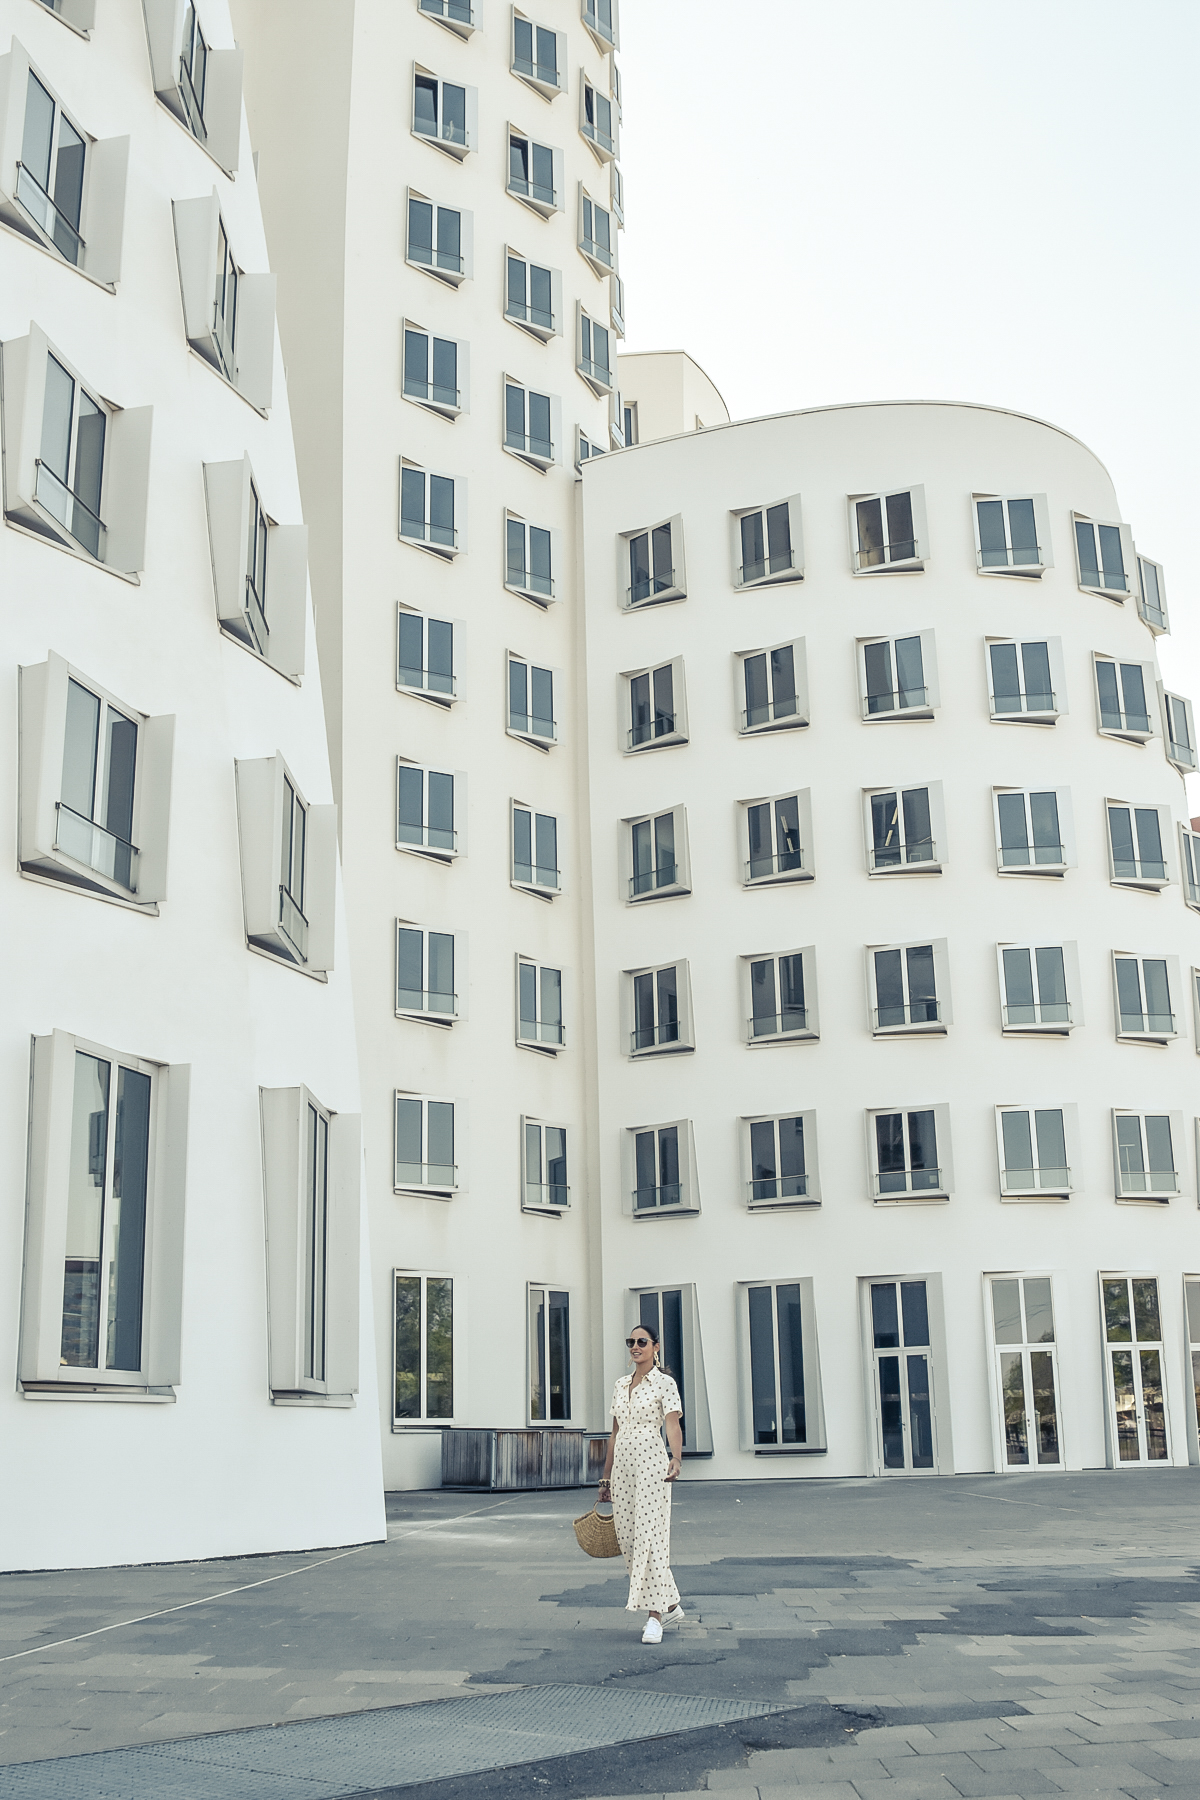 el-blog-de-silvia-viaje-dusseldorf-vestido-largo-lunares-zara-06